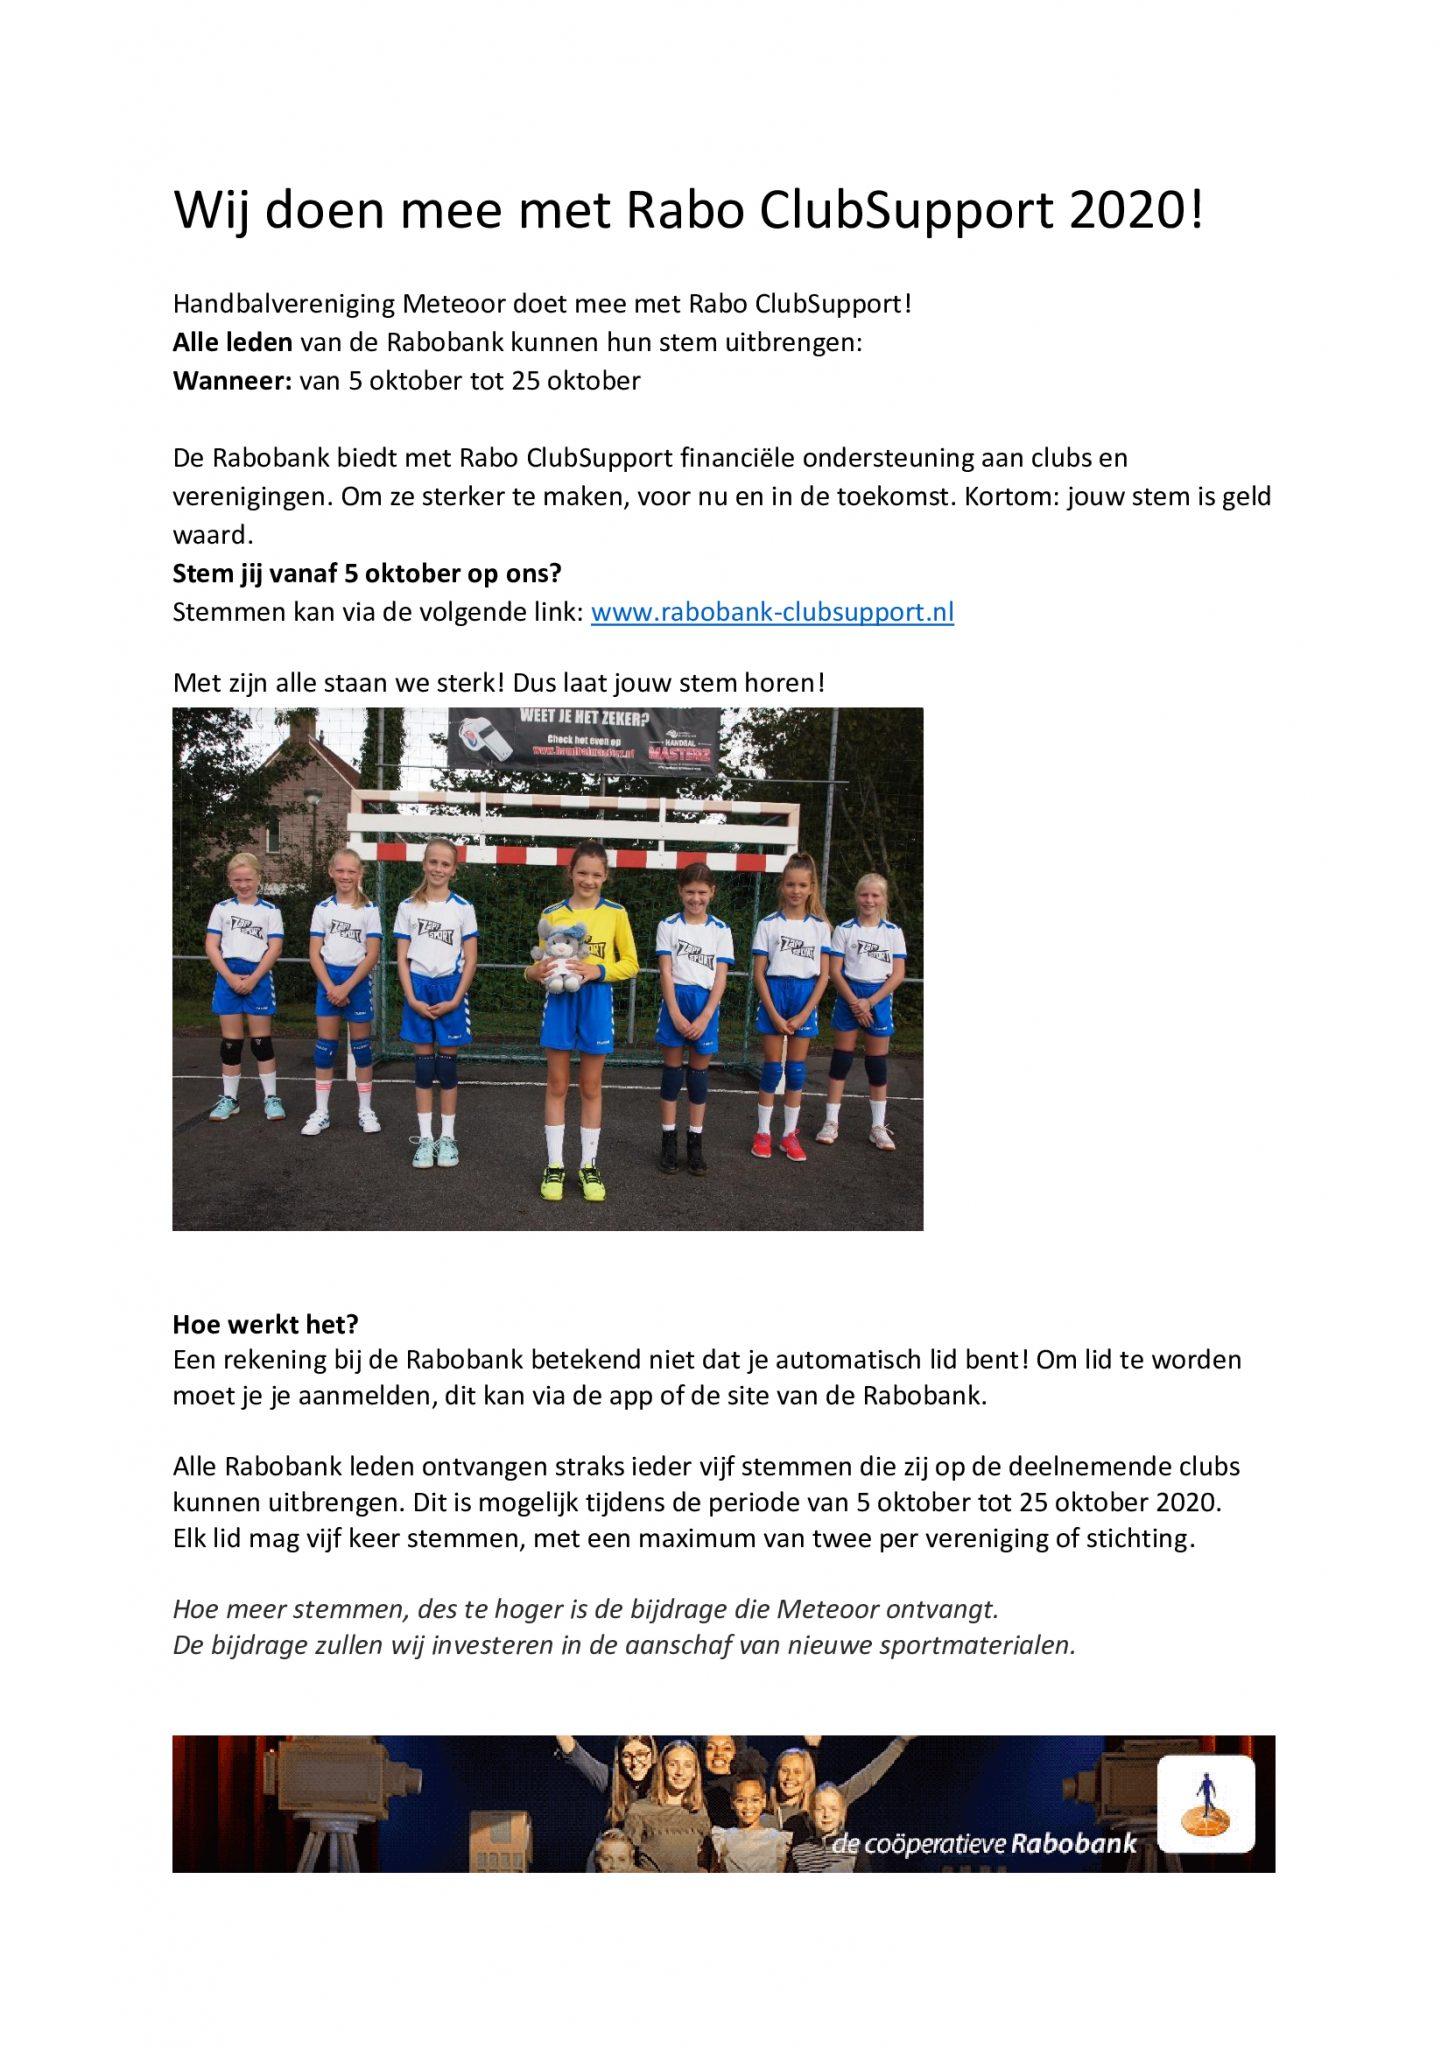 Rabo ClubSupport- Stem jij ook op ons? 1